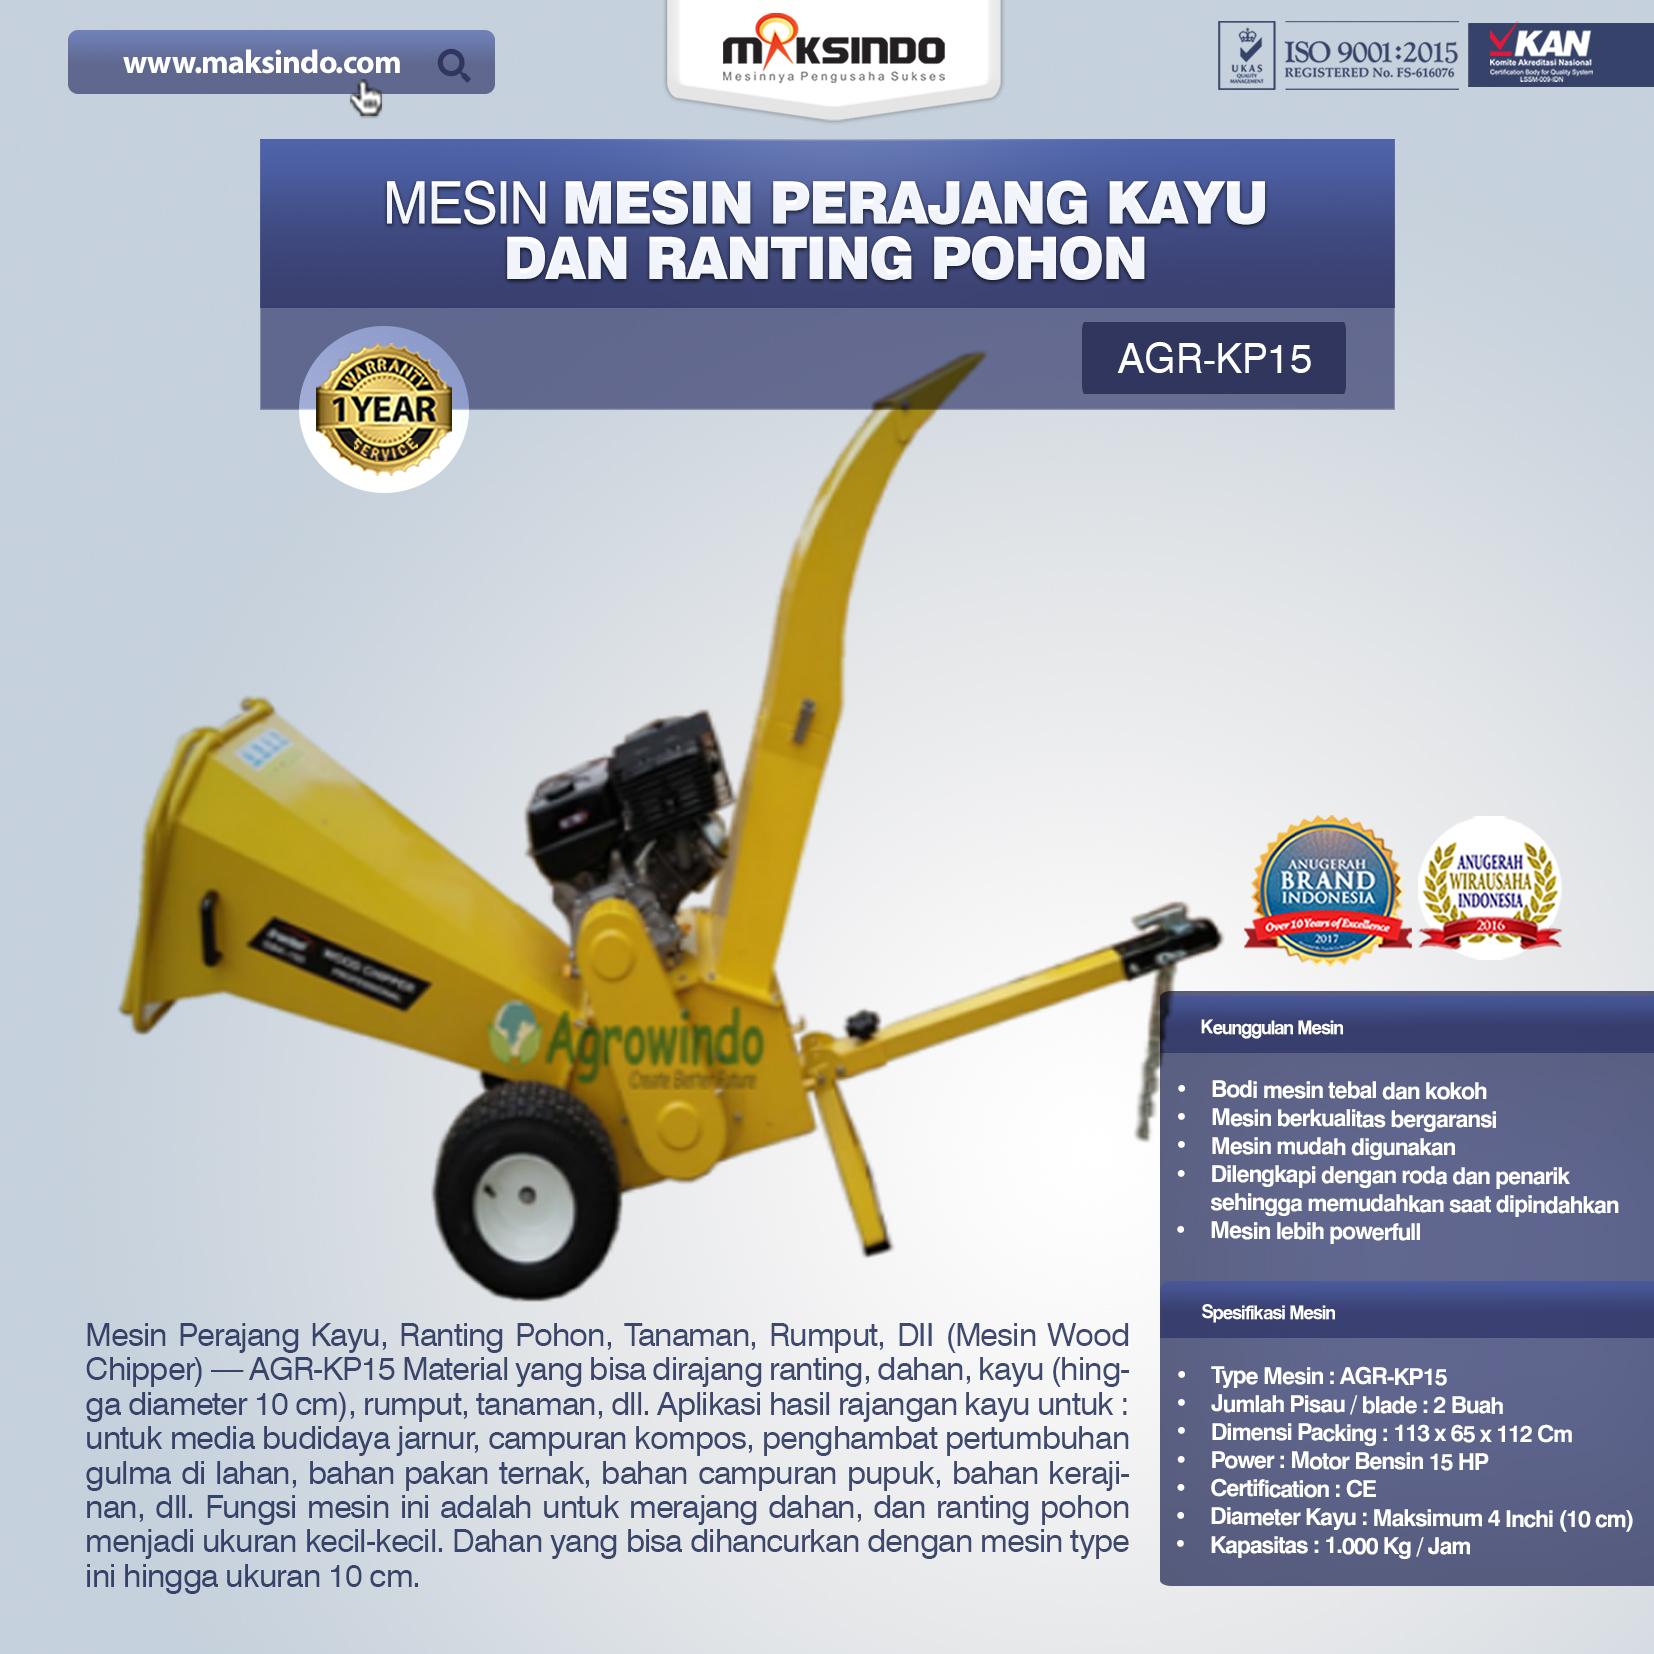 Mesin Perajang Kayu Dan Ranting Pohon KP15